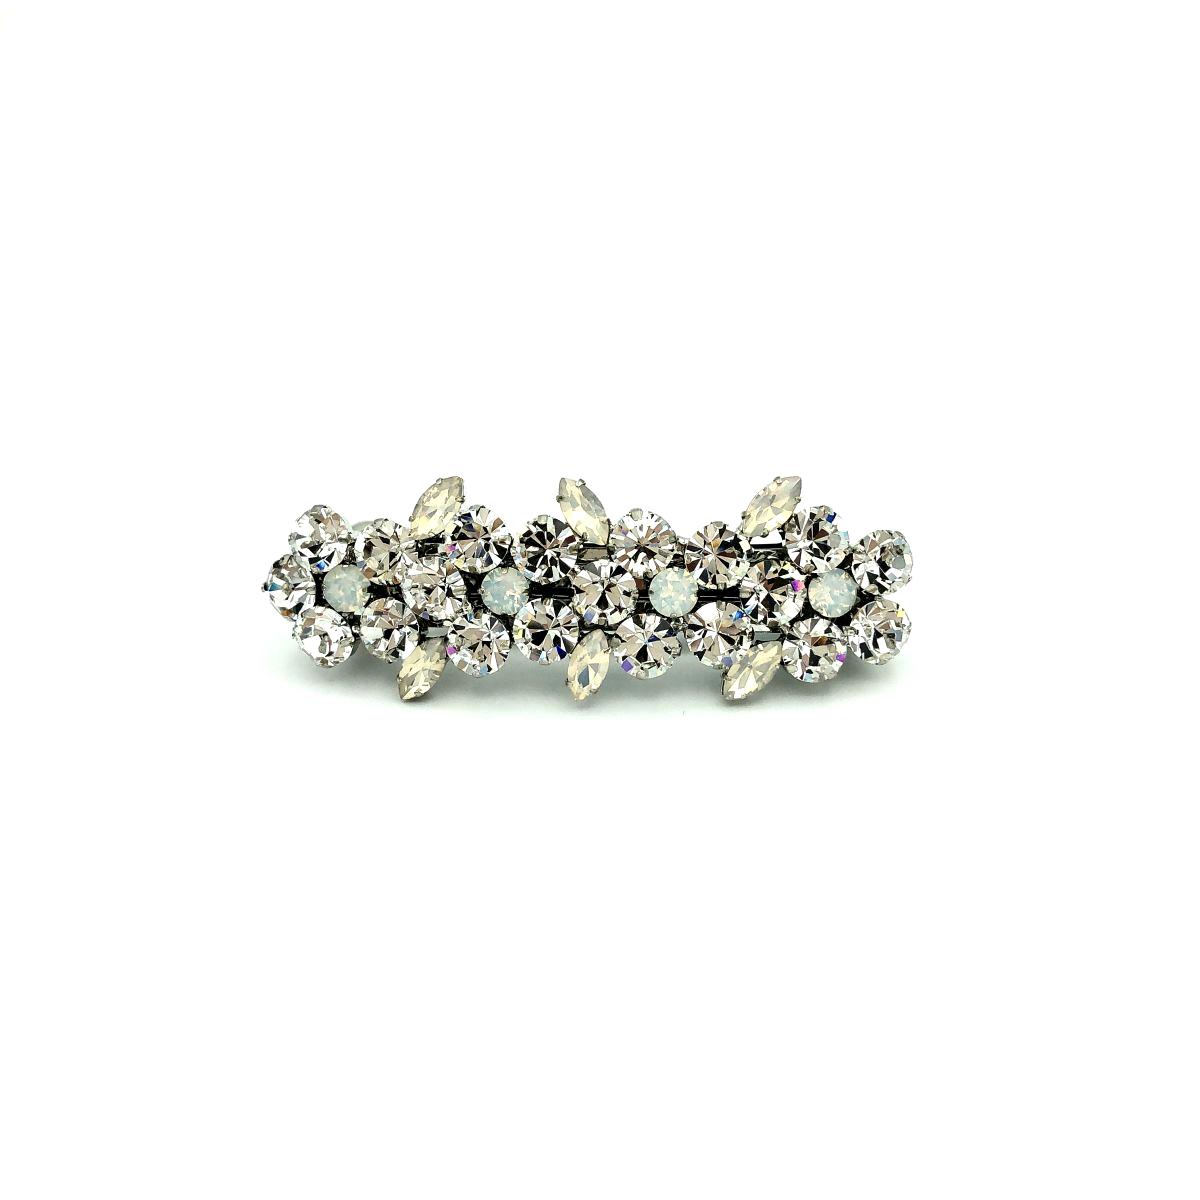 Haarspange 'Sarah' Strass cristall/silber - klein - 8,8 cm